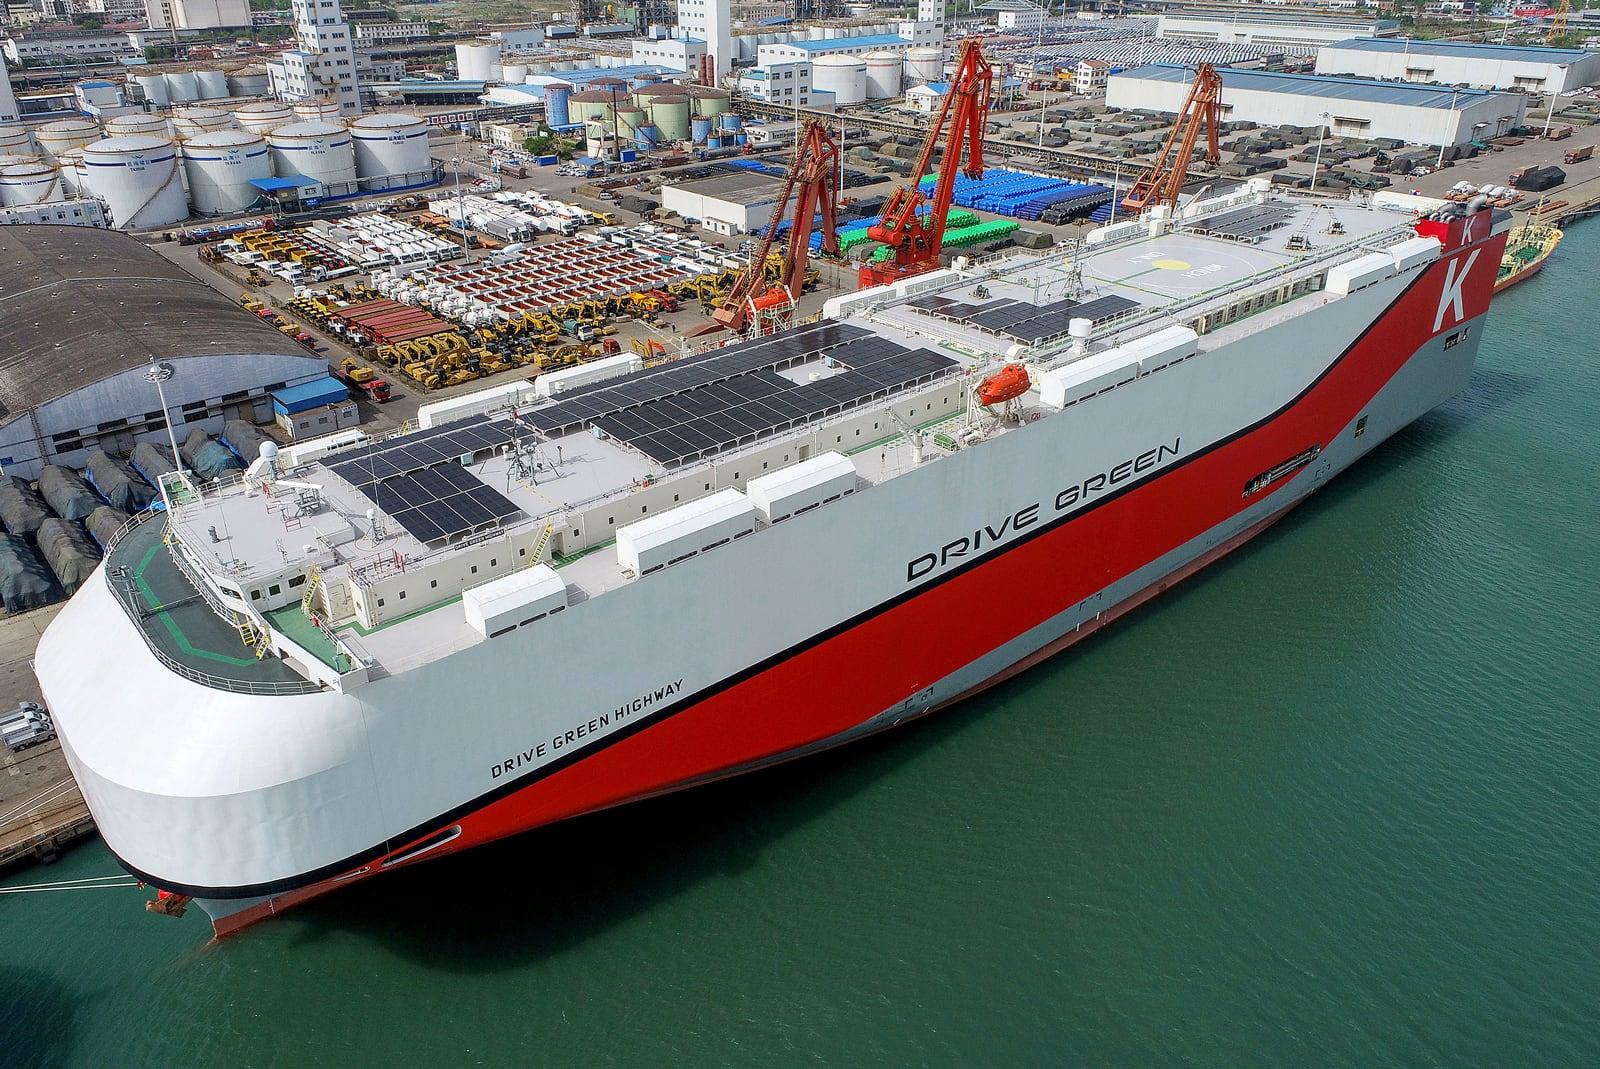 Un gran vaixell carregat de cotxes xinesos per ser exportats a Mèxic, al port de Lianyungang, l'abril del 2021. Fotografia de Costfoto Barcroft. Getty Images.